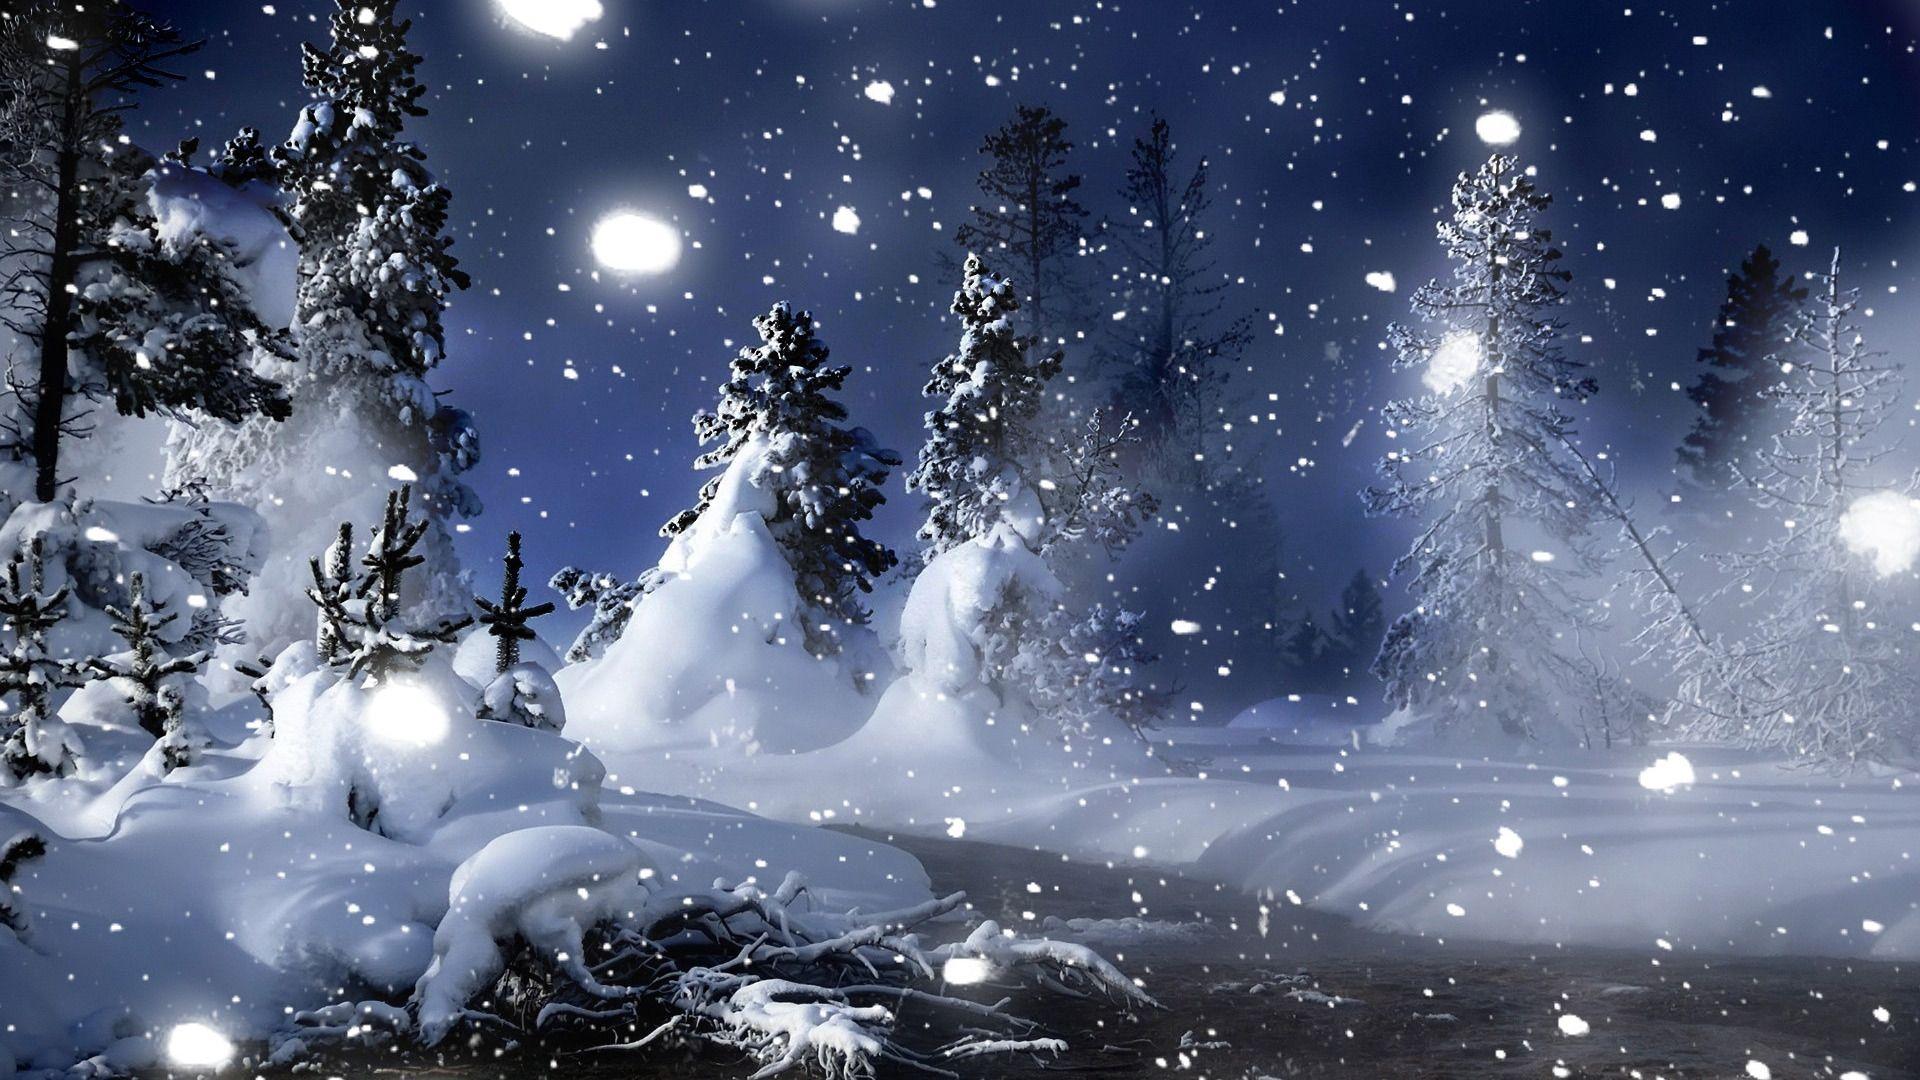 winter night wallpaper 2015   Grasscloth Wallpaper 1920x1080